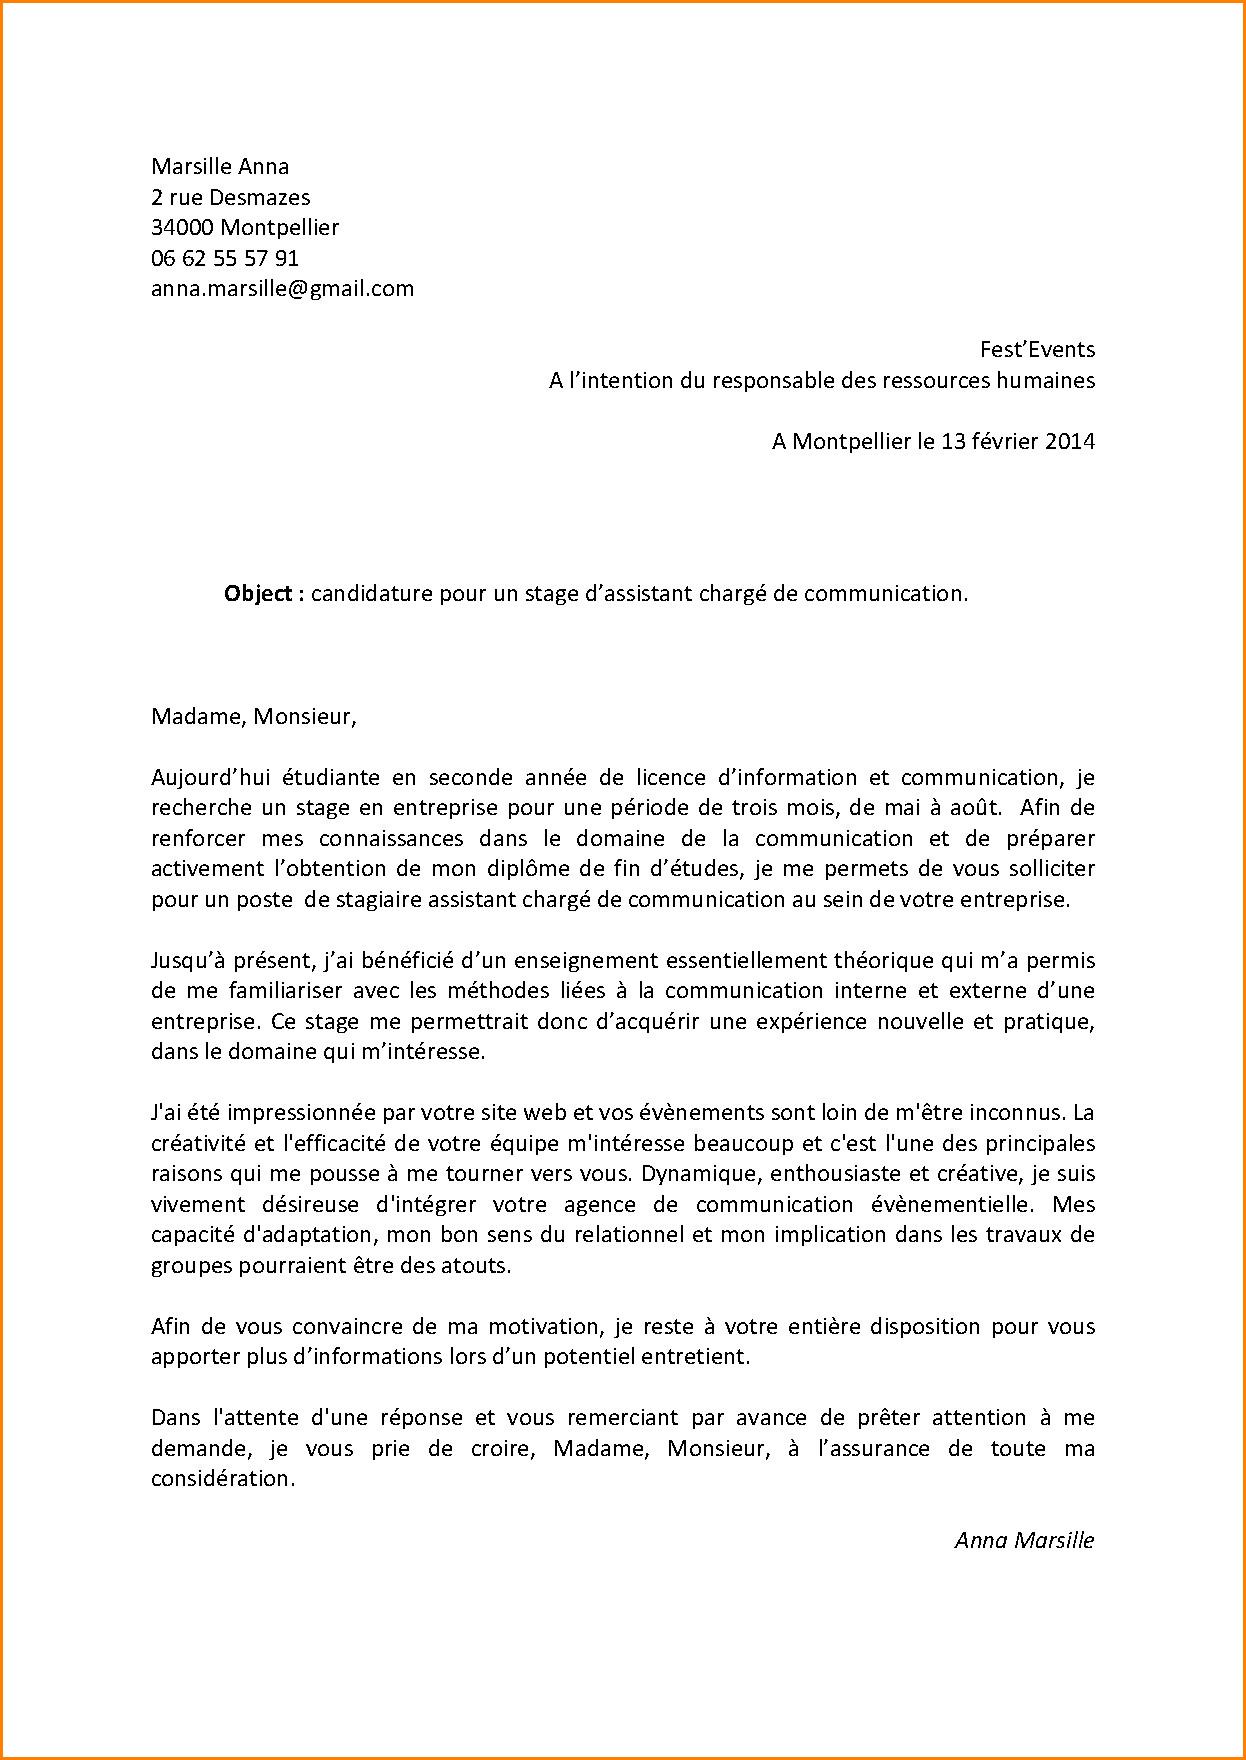 lettre de motivation inspecteur urssaf